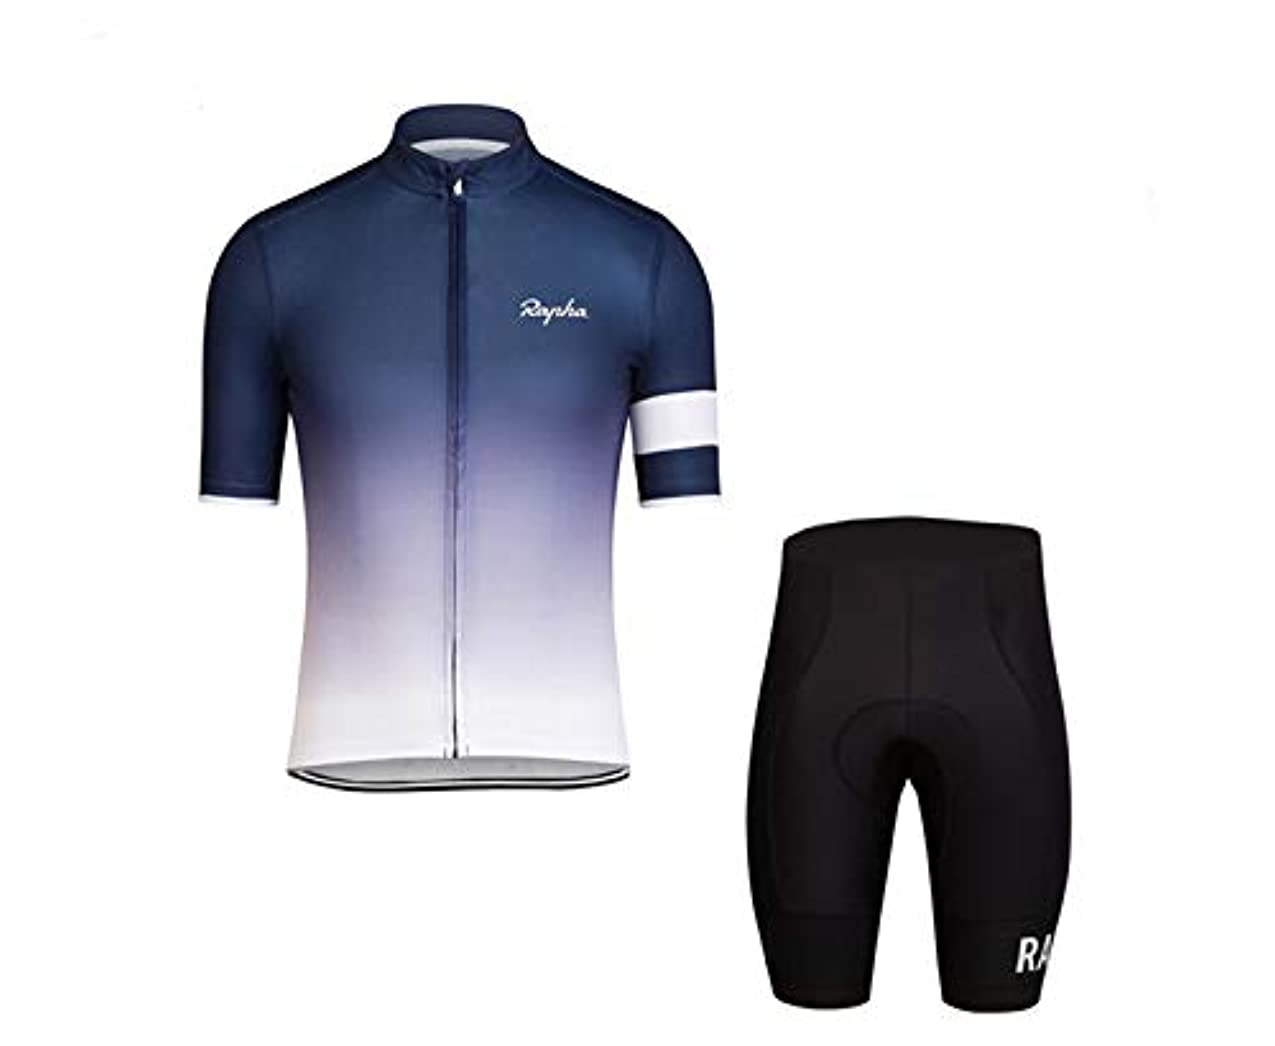 曲がった機密ラップサイクルジャージ 夏 サイクルジャージ 半袖 夏用サイクルジャージ 上下セット サイクルウェア レディース 通気性 人気